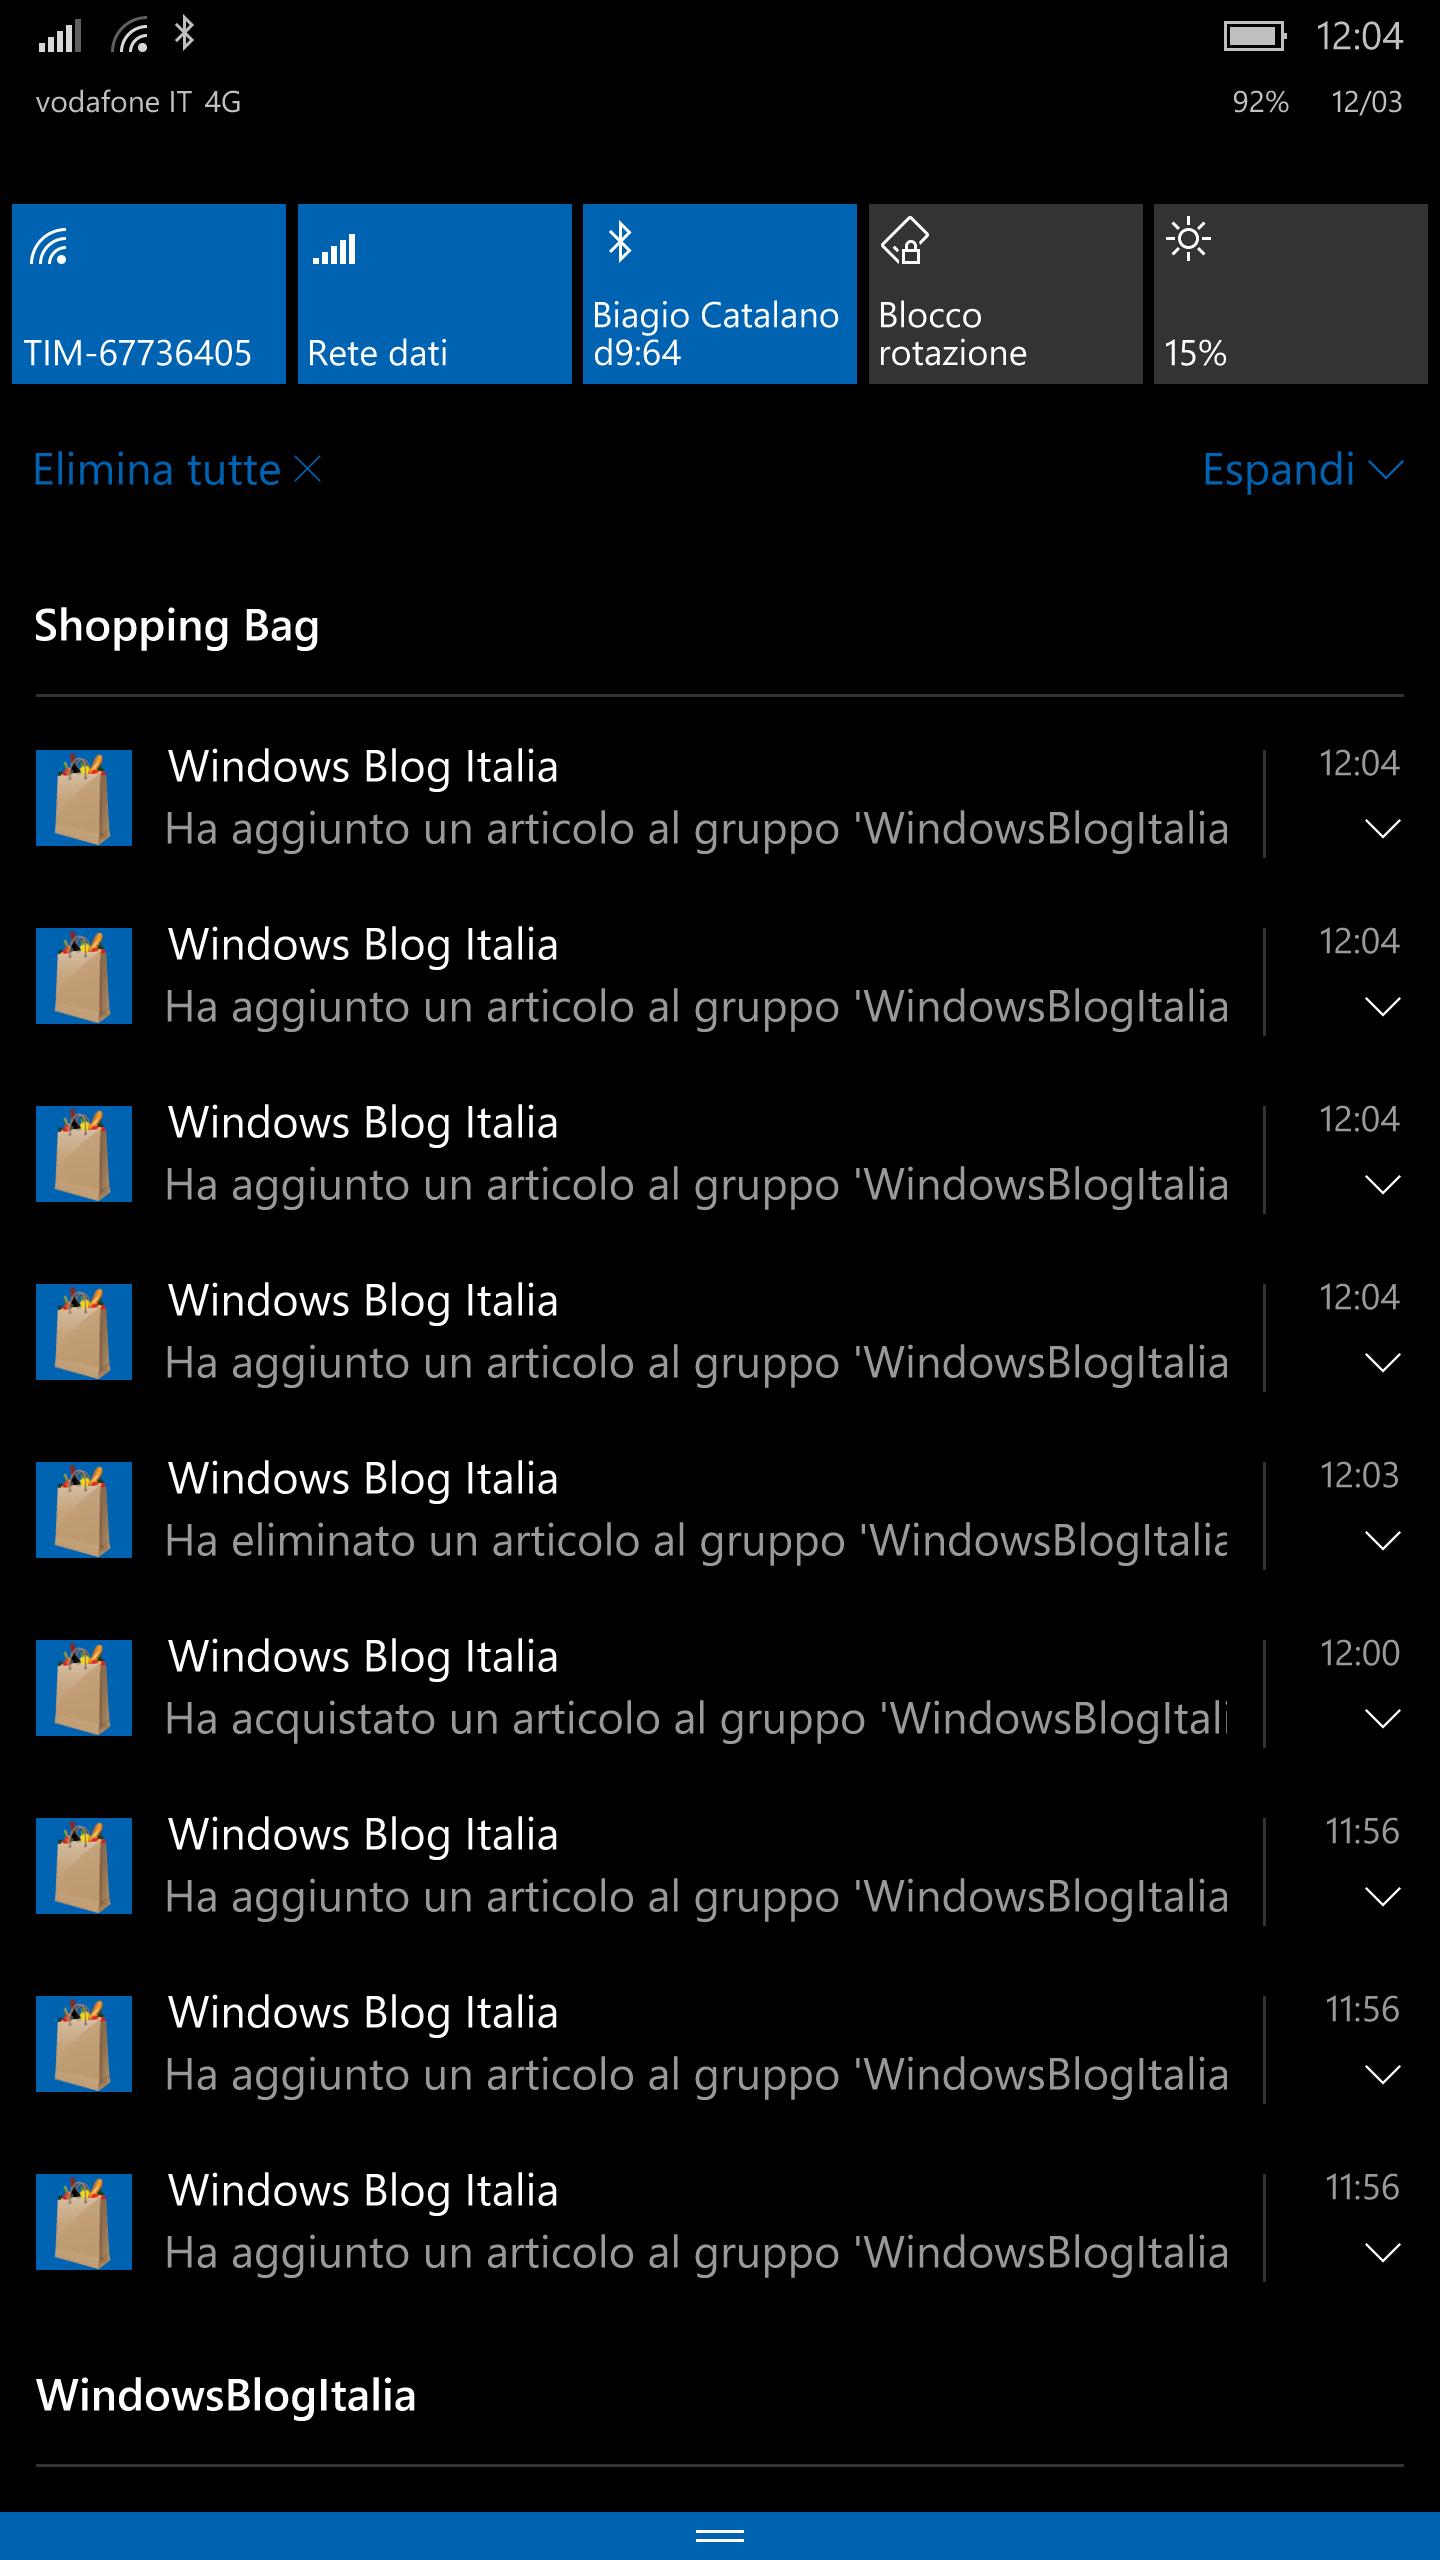 Shopping Bag - Notifiche